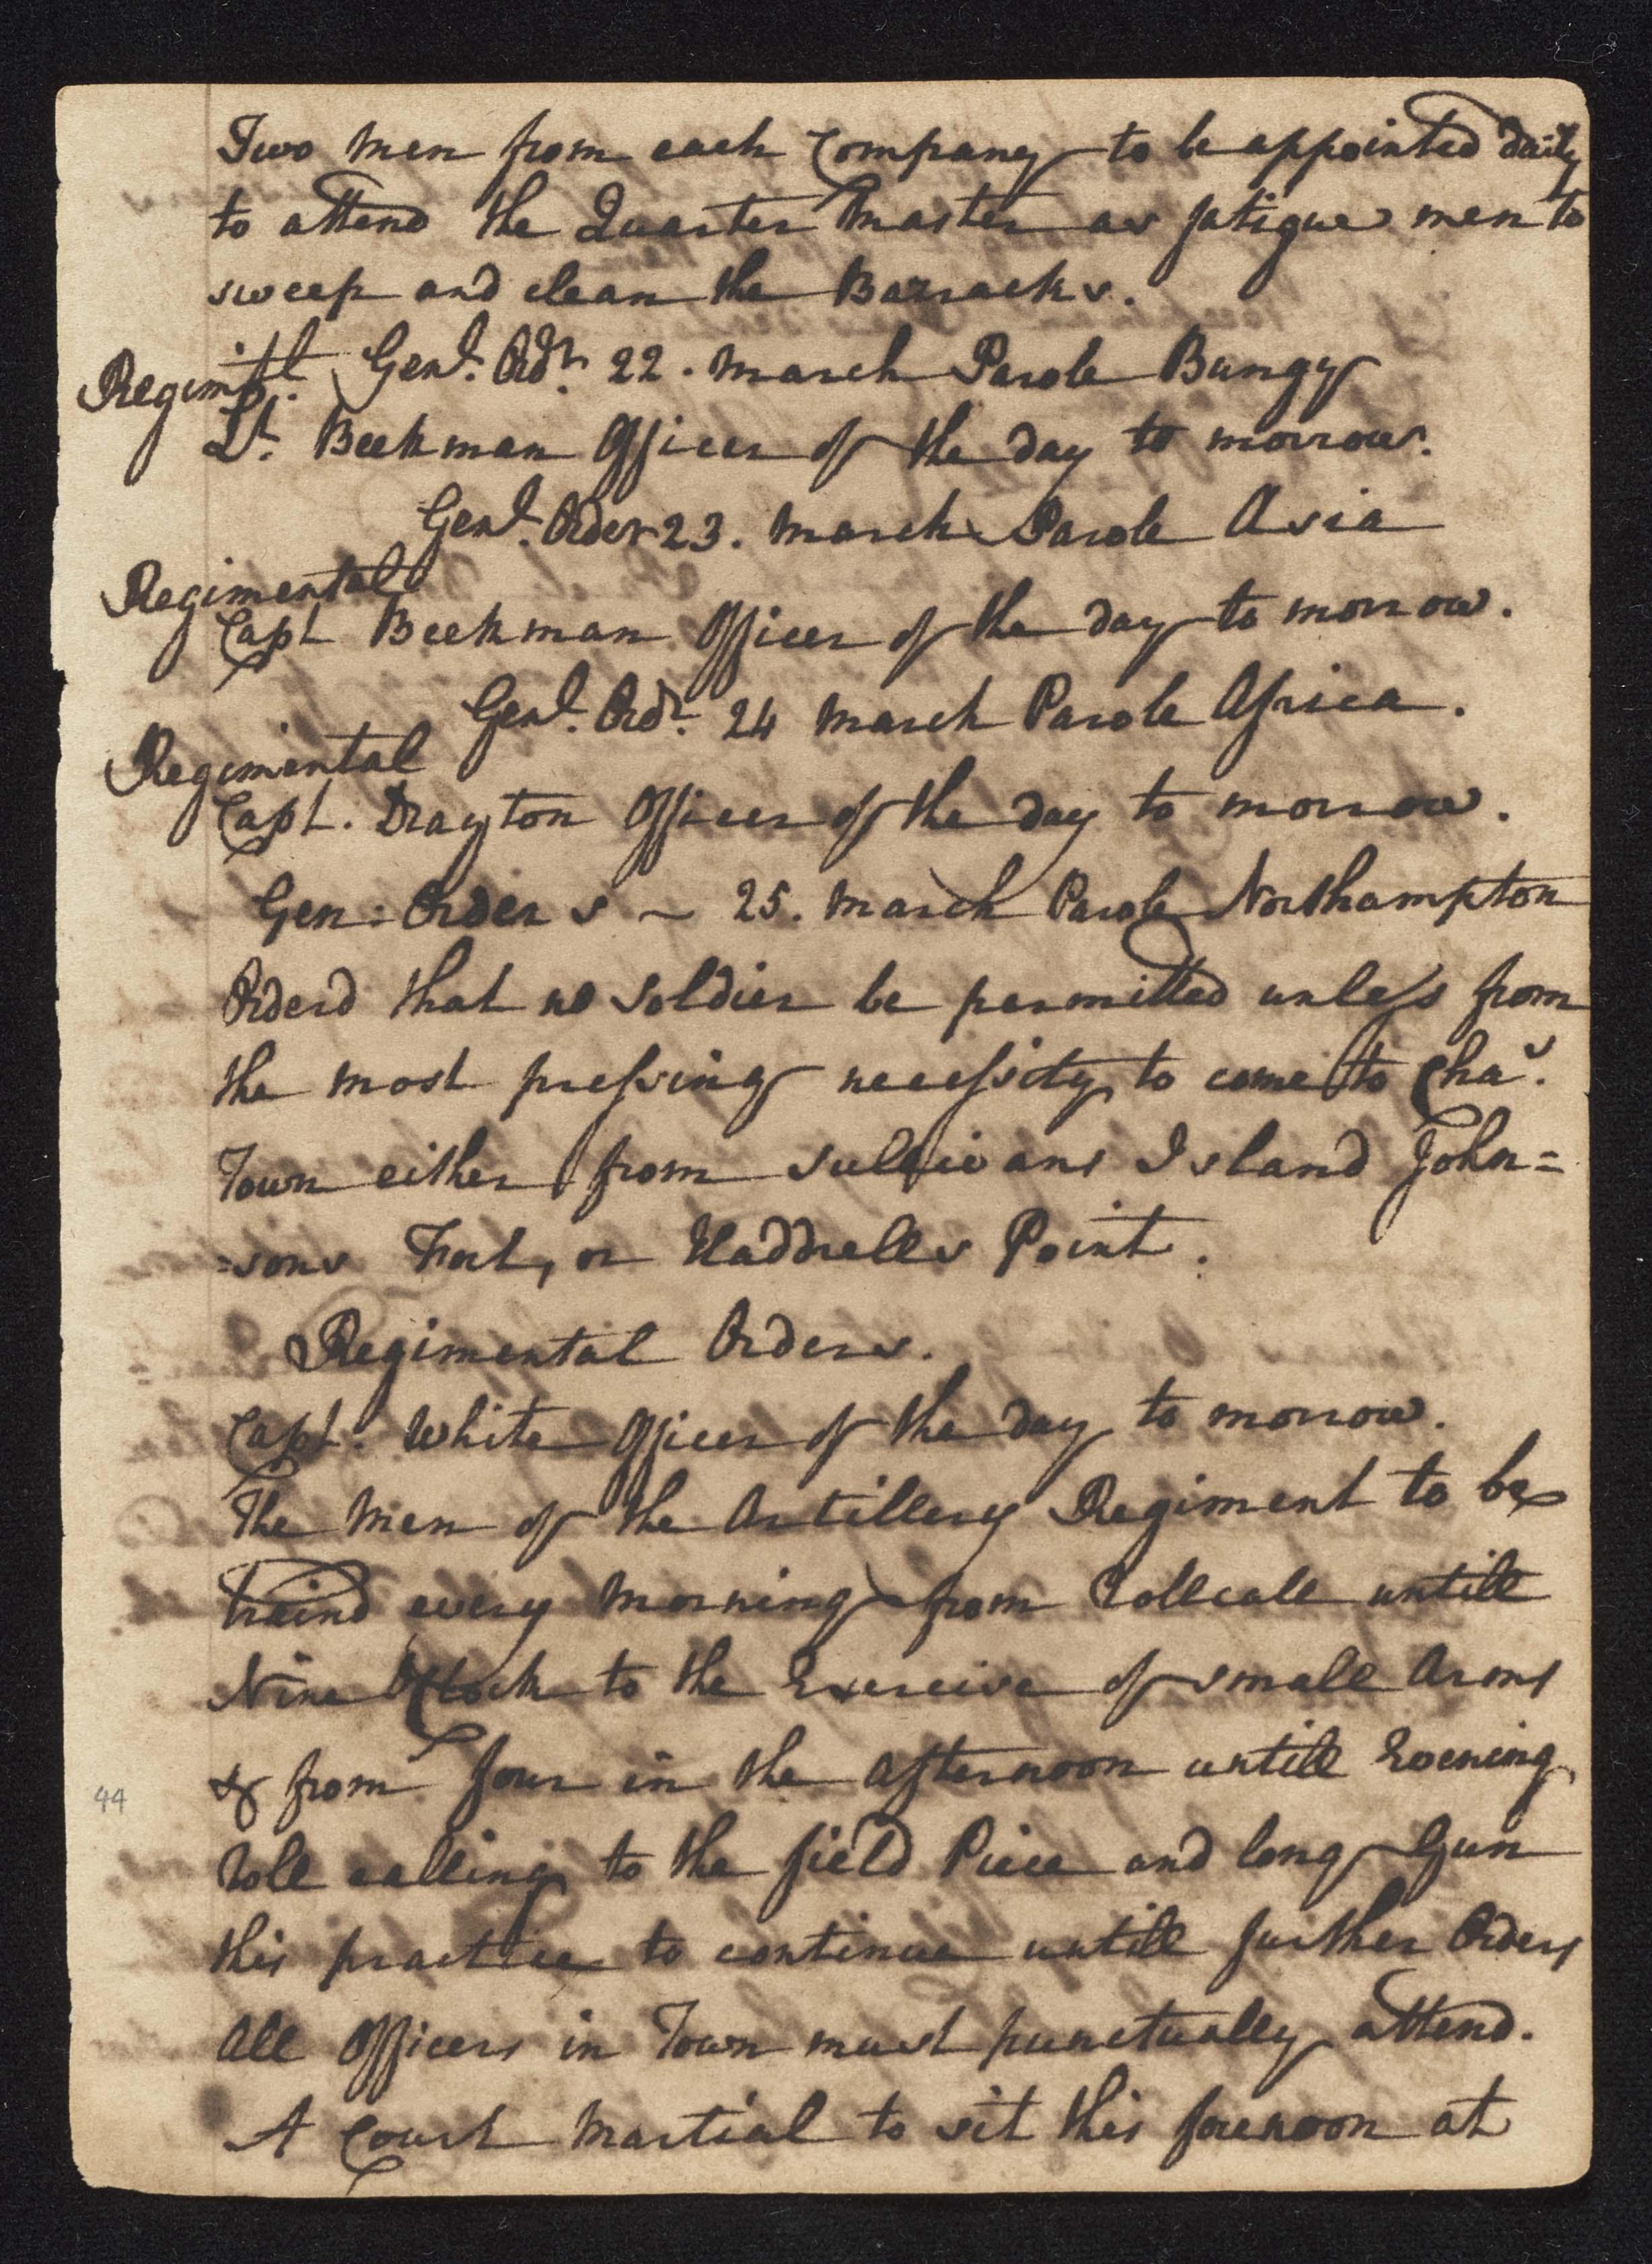 South Carolina Regiment Order Book, Page 87